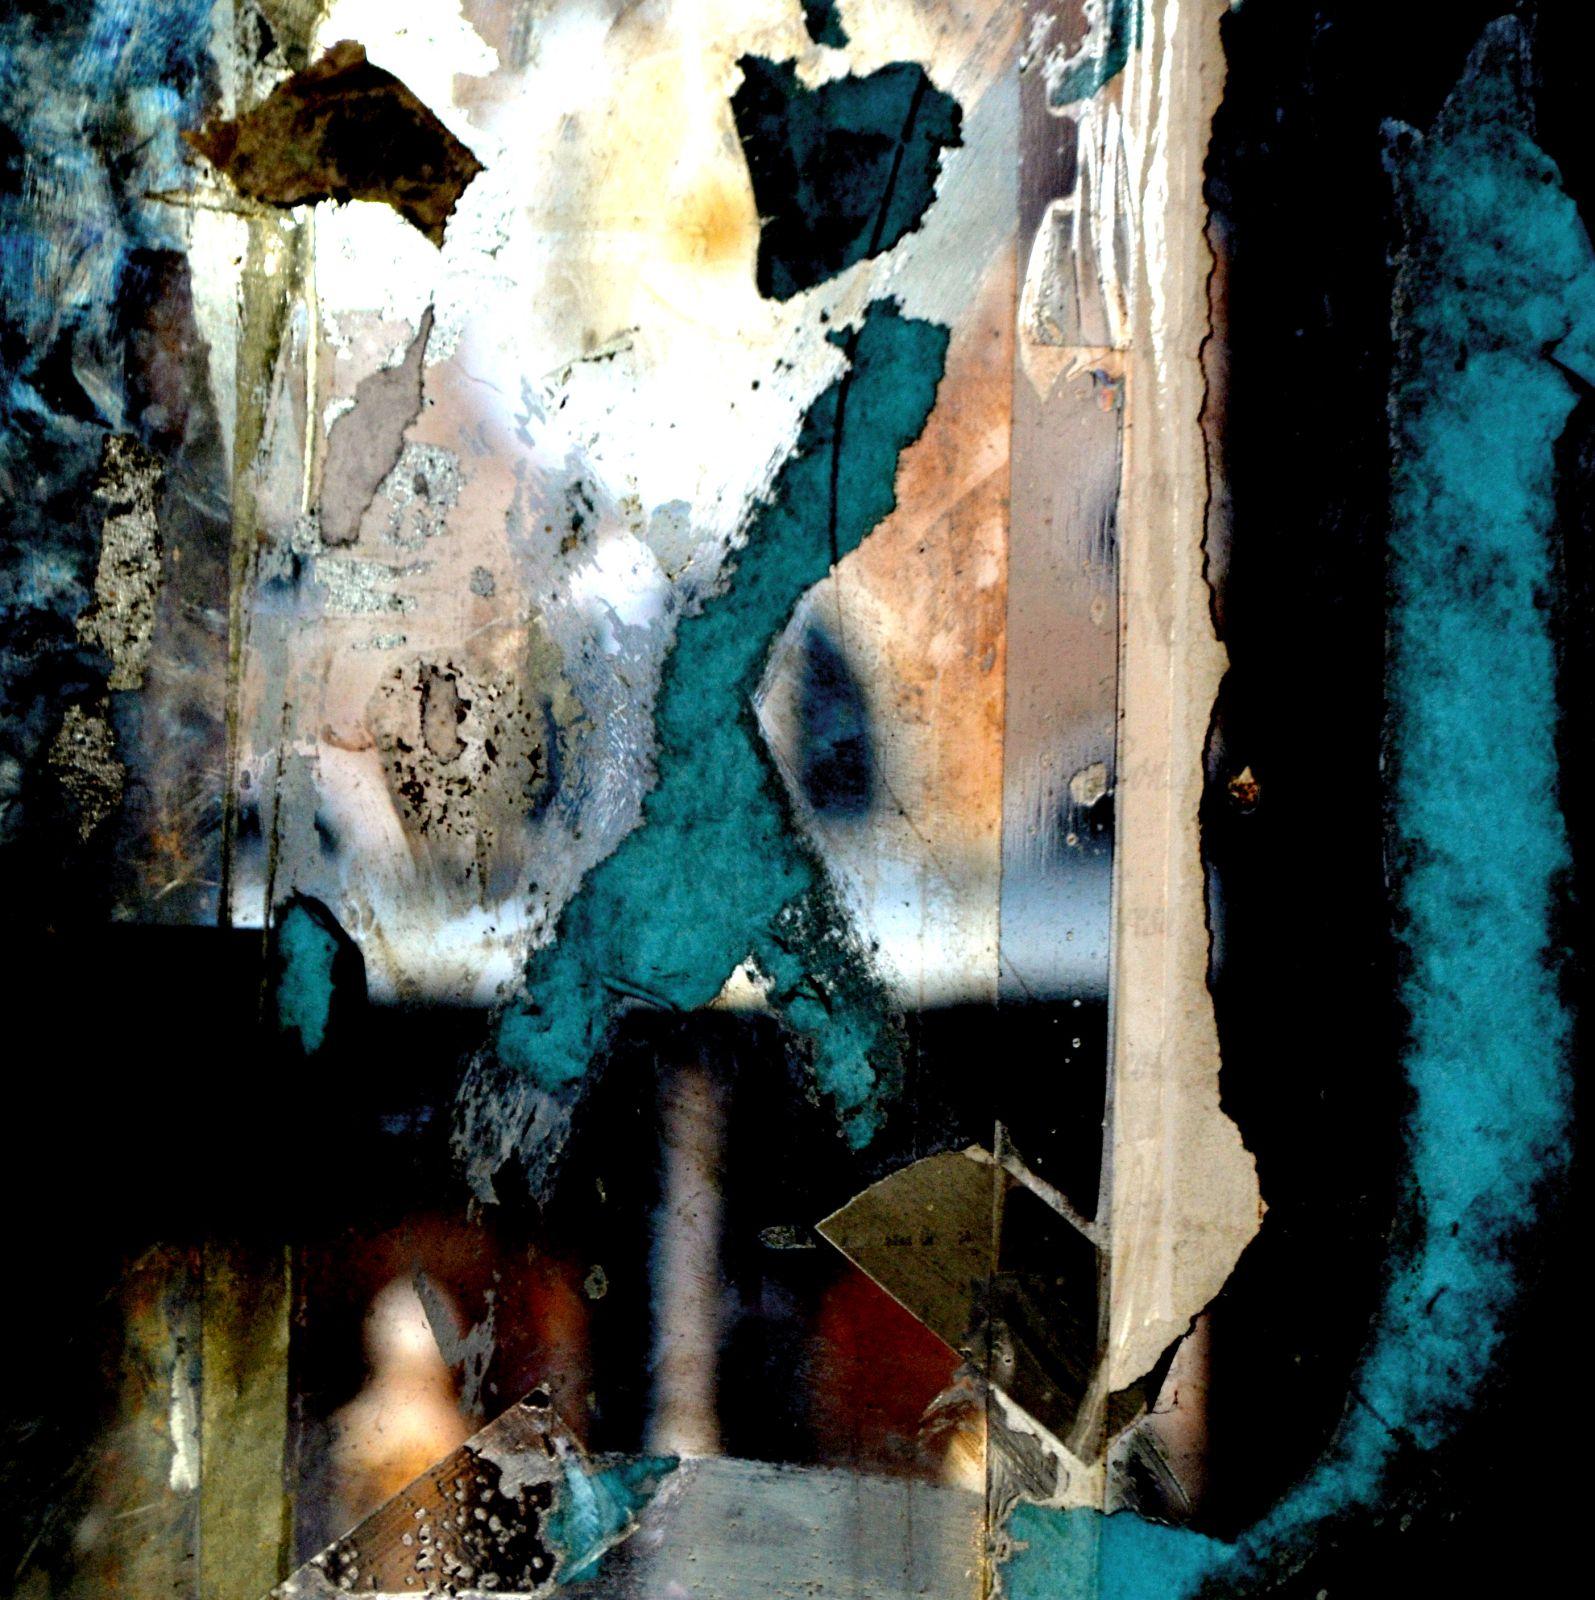 Magic Mirror #32, 2012